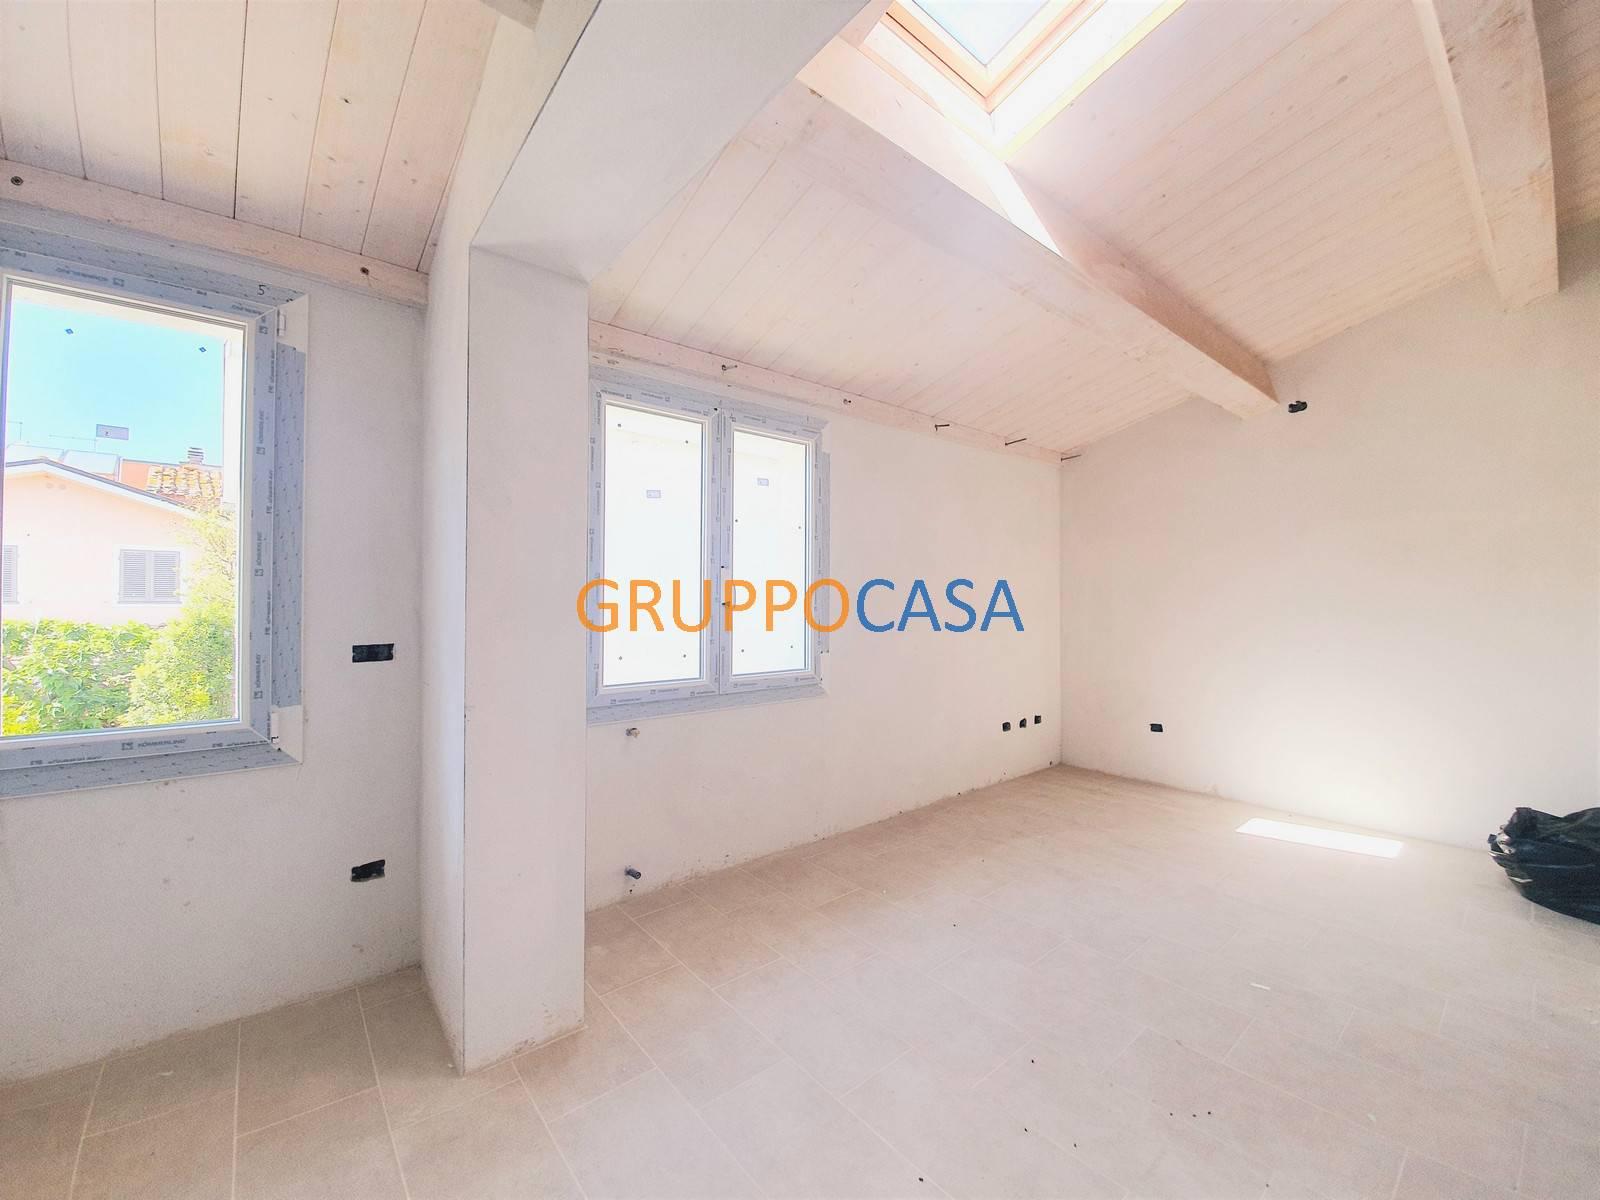 Appartamento in vendita a Castelfranco di Sotto, 3 locali, zona Zona: Orentano, prezzo € 109.000 | CambioCasa.it